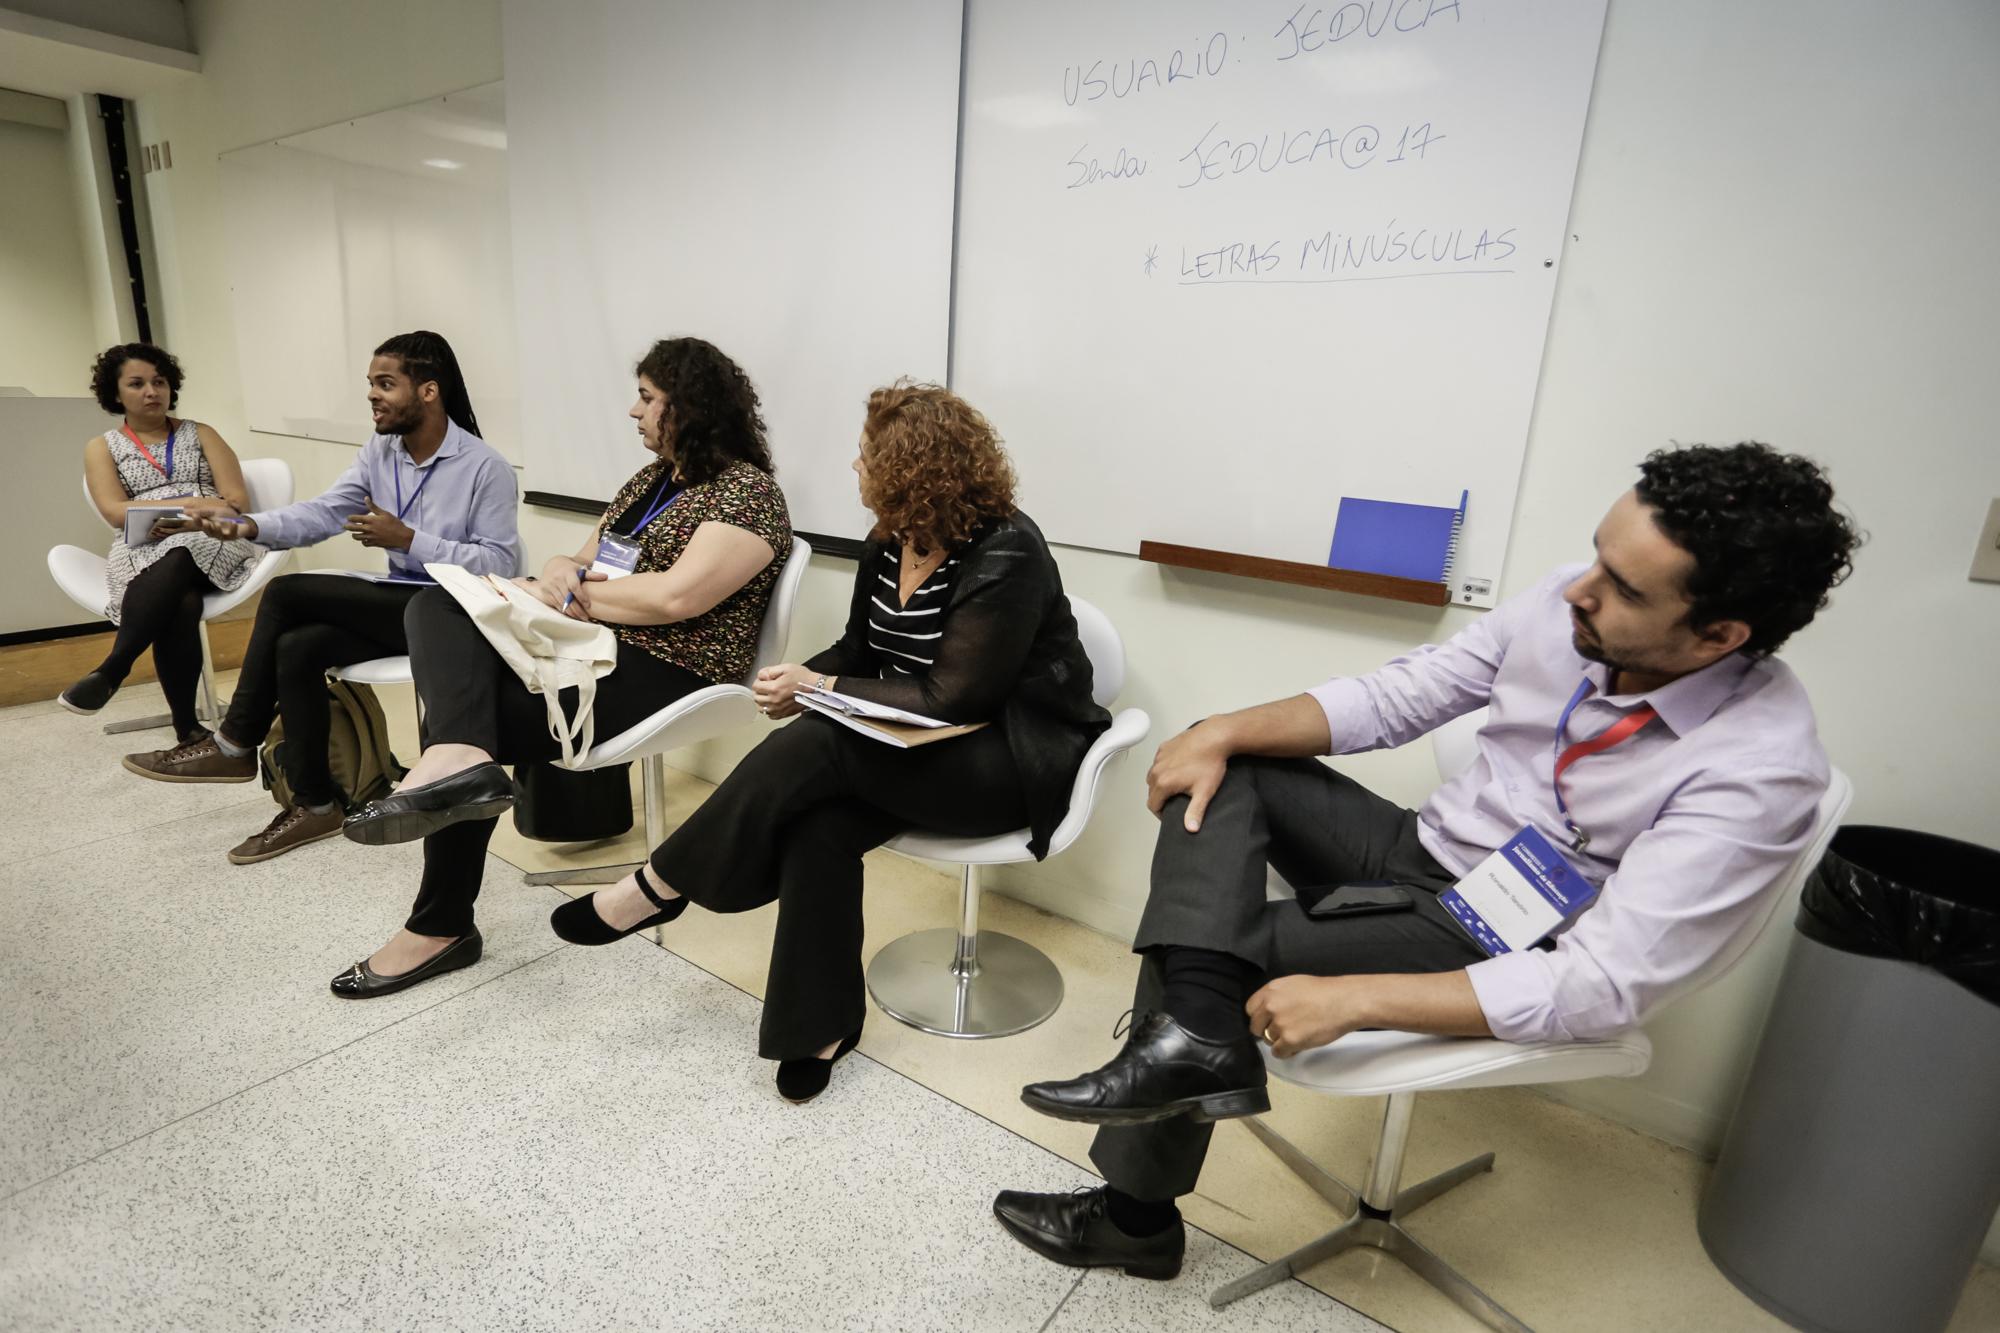 Convidados debatem sobre cobertura de educação durante Congresso. (Crédito: Alice Vergueiro/Jeduca)